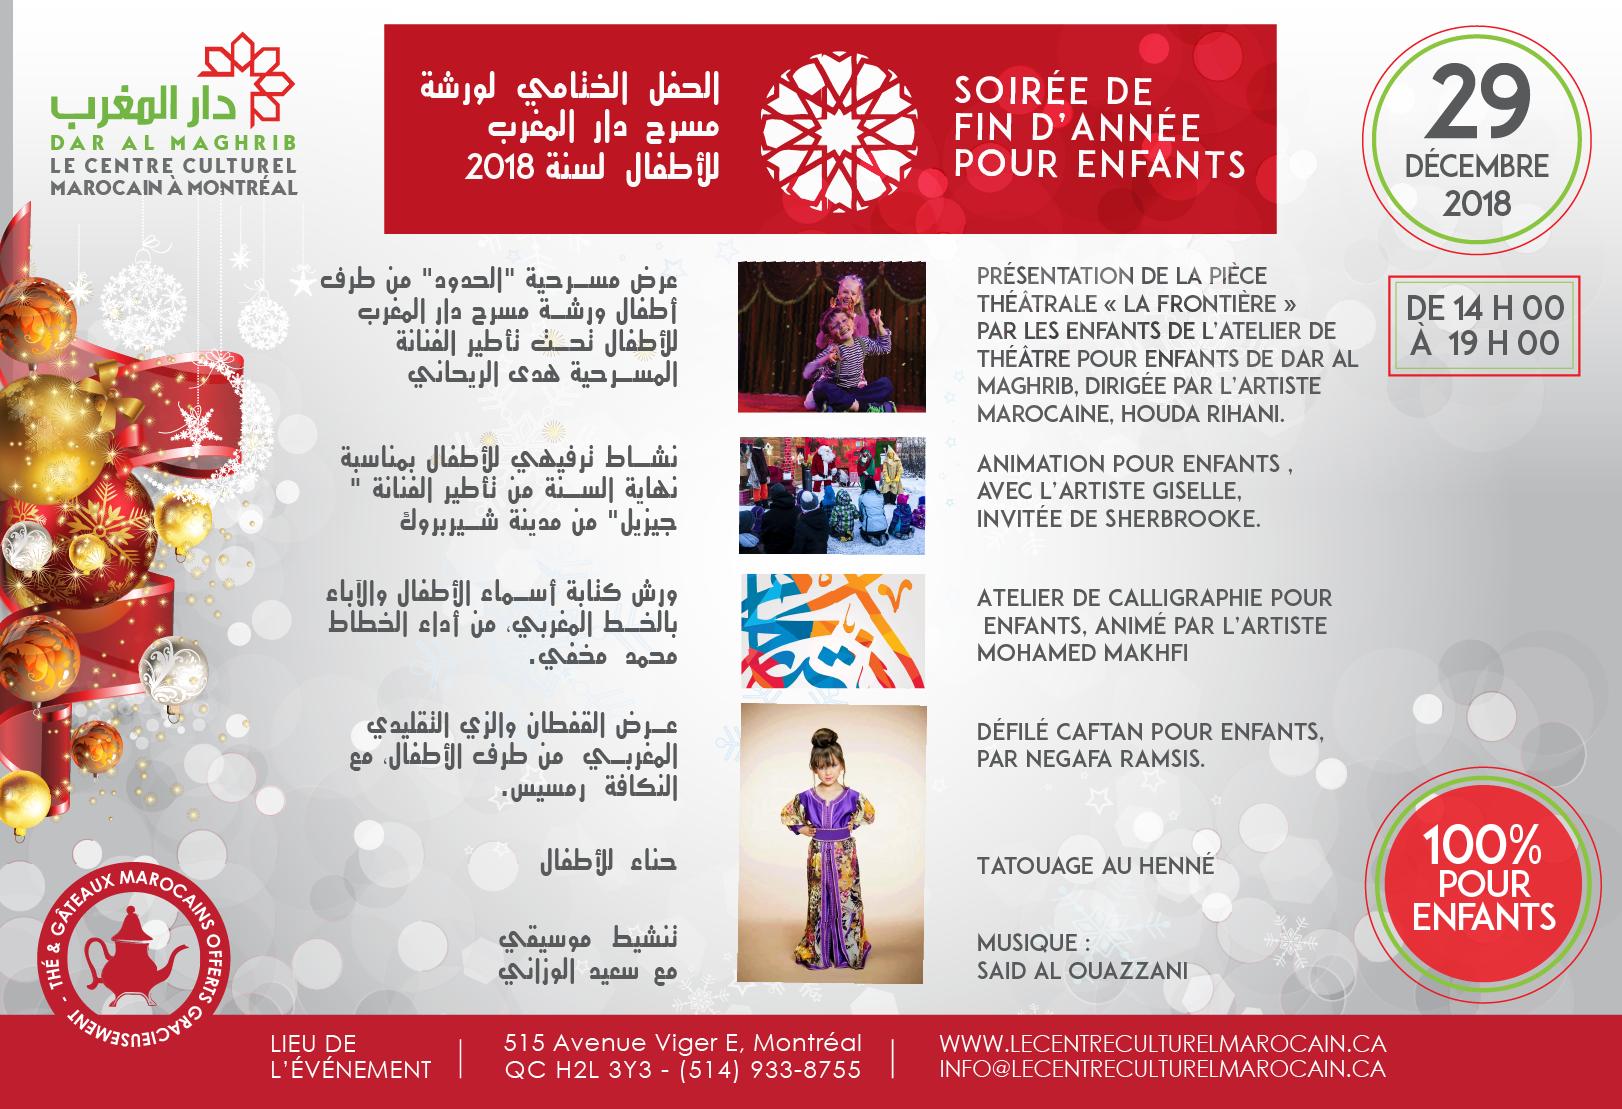 الحفل الختامي لورشة مسرح دار المغرب للأطفال لسنة 2018